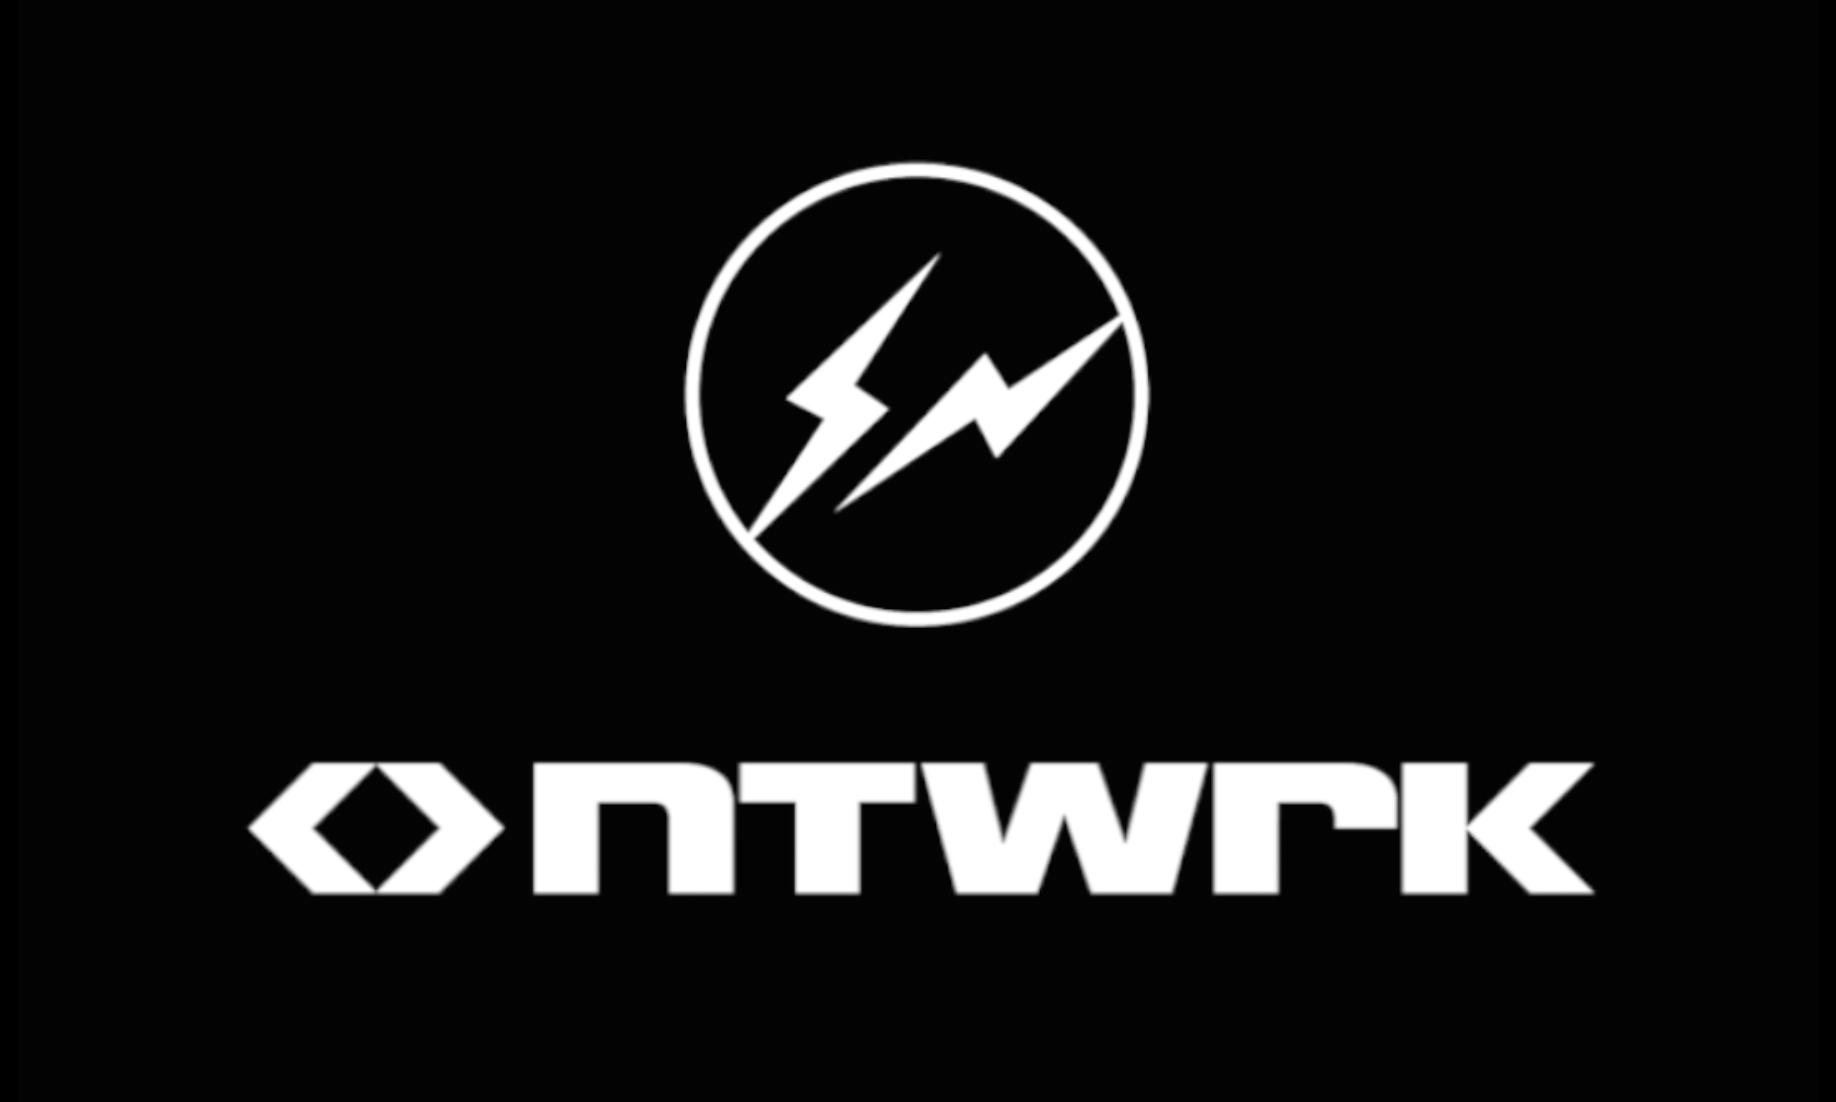 陈冠希策划、藤原浩任艺术总监,NTWRK 虚拟文化节《TRANSFER》即将拉开帷幕